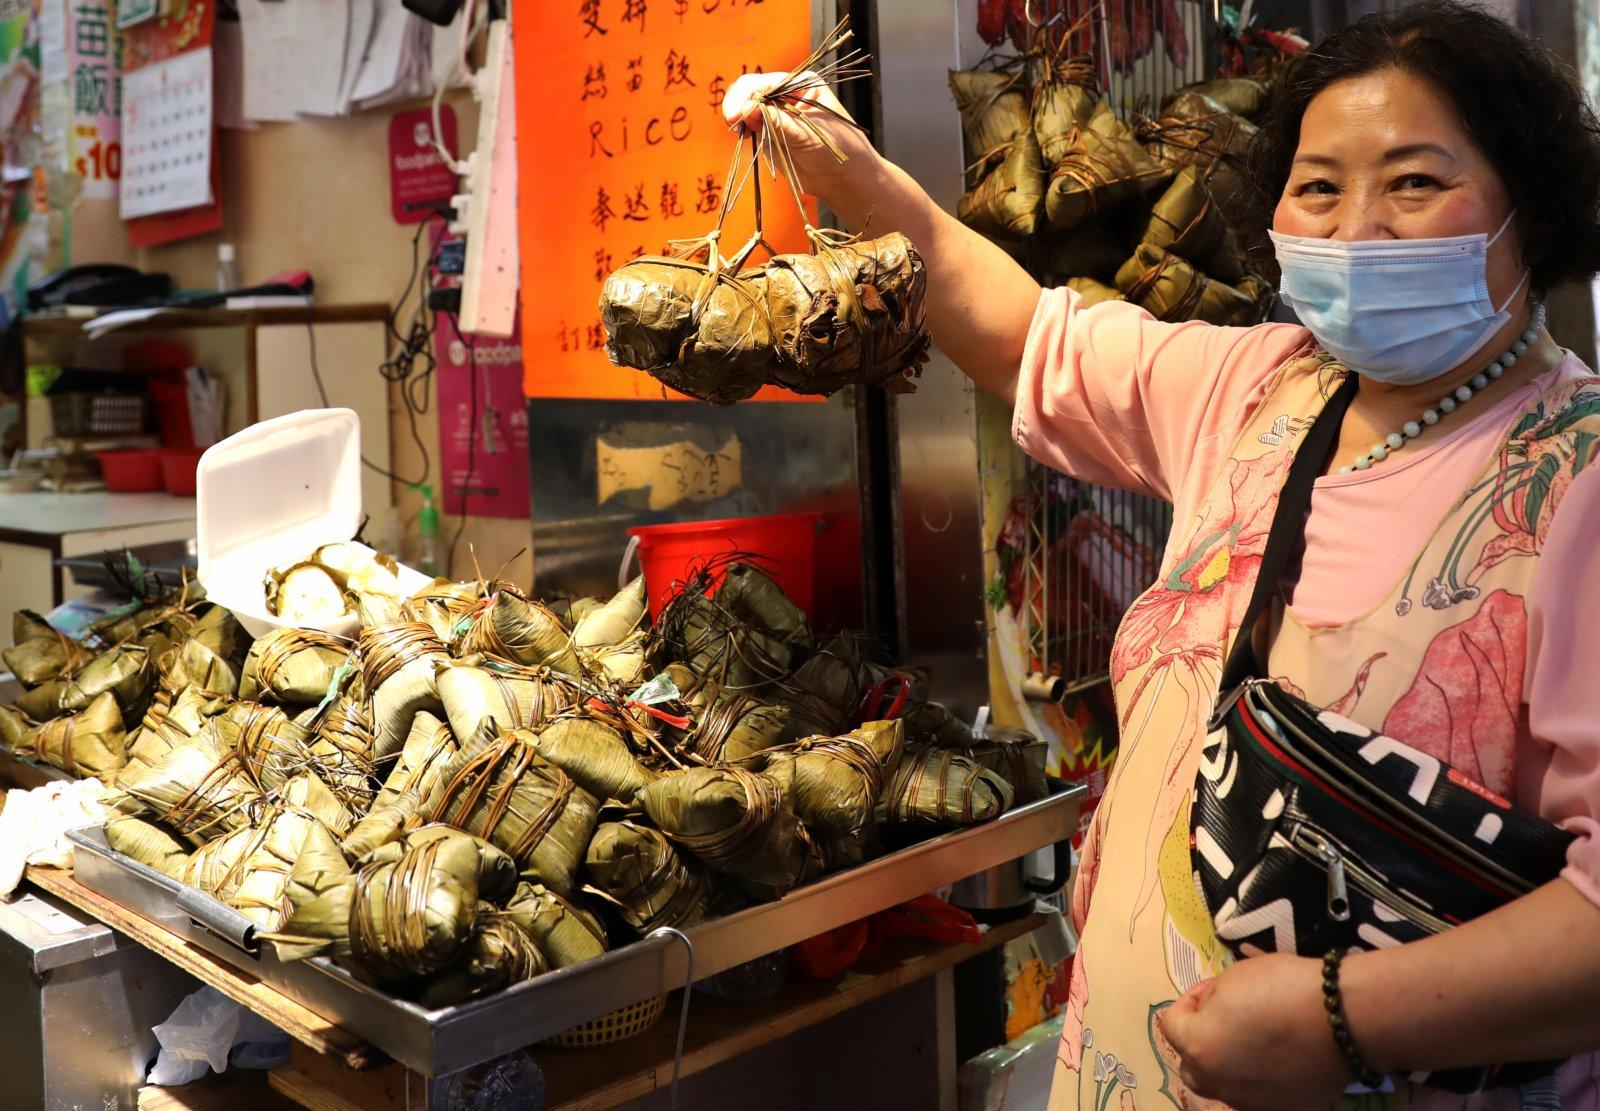 6月12日,香港灣仔街市的商販在叫賣粽子。(新華社)